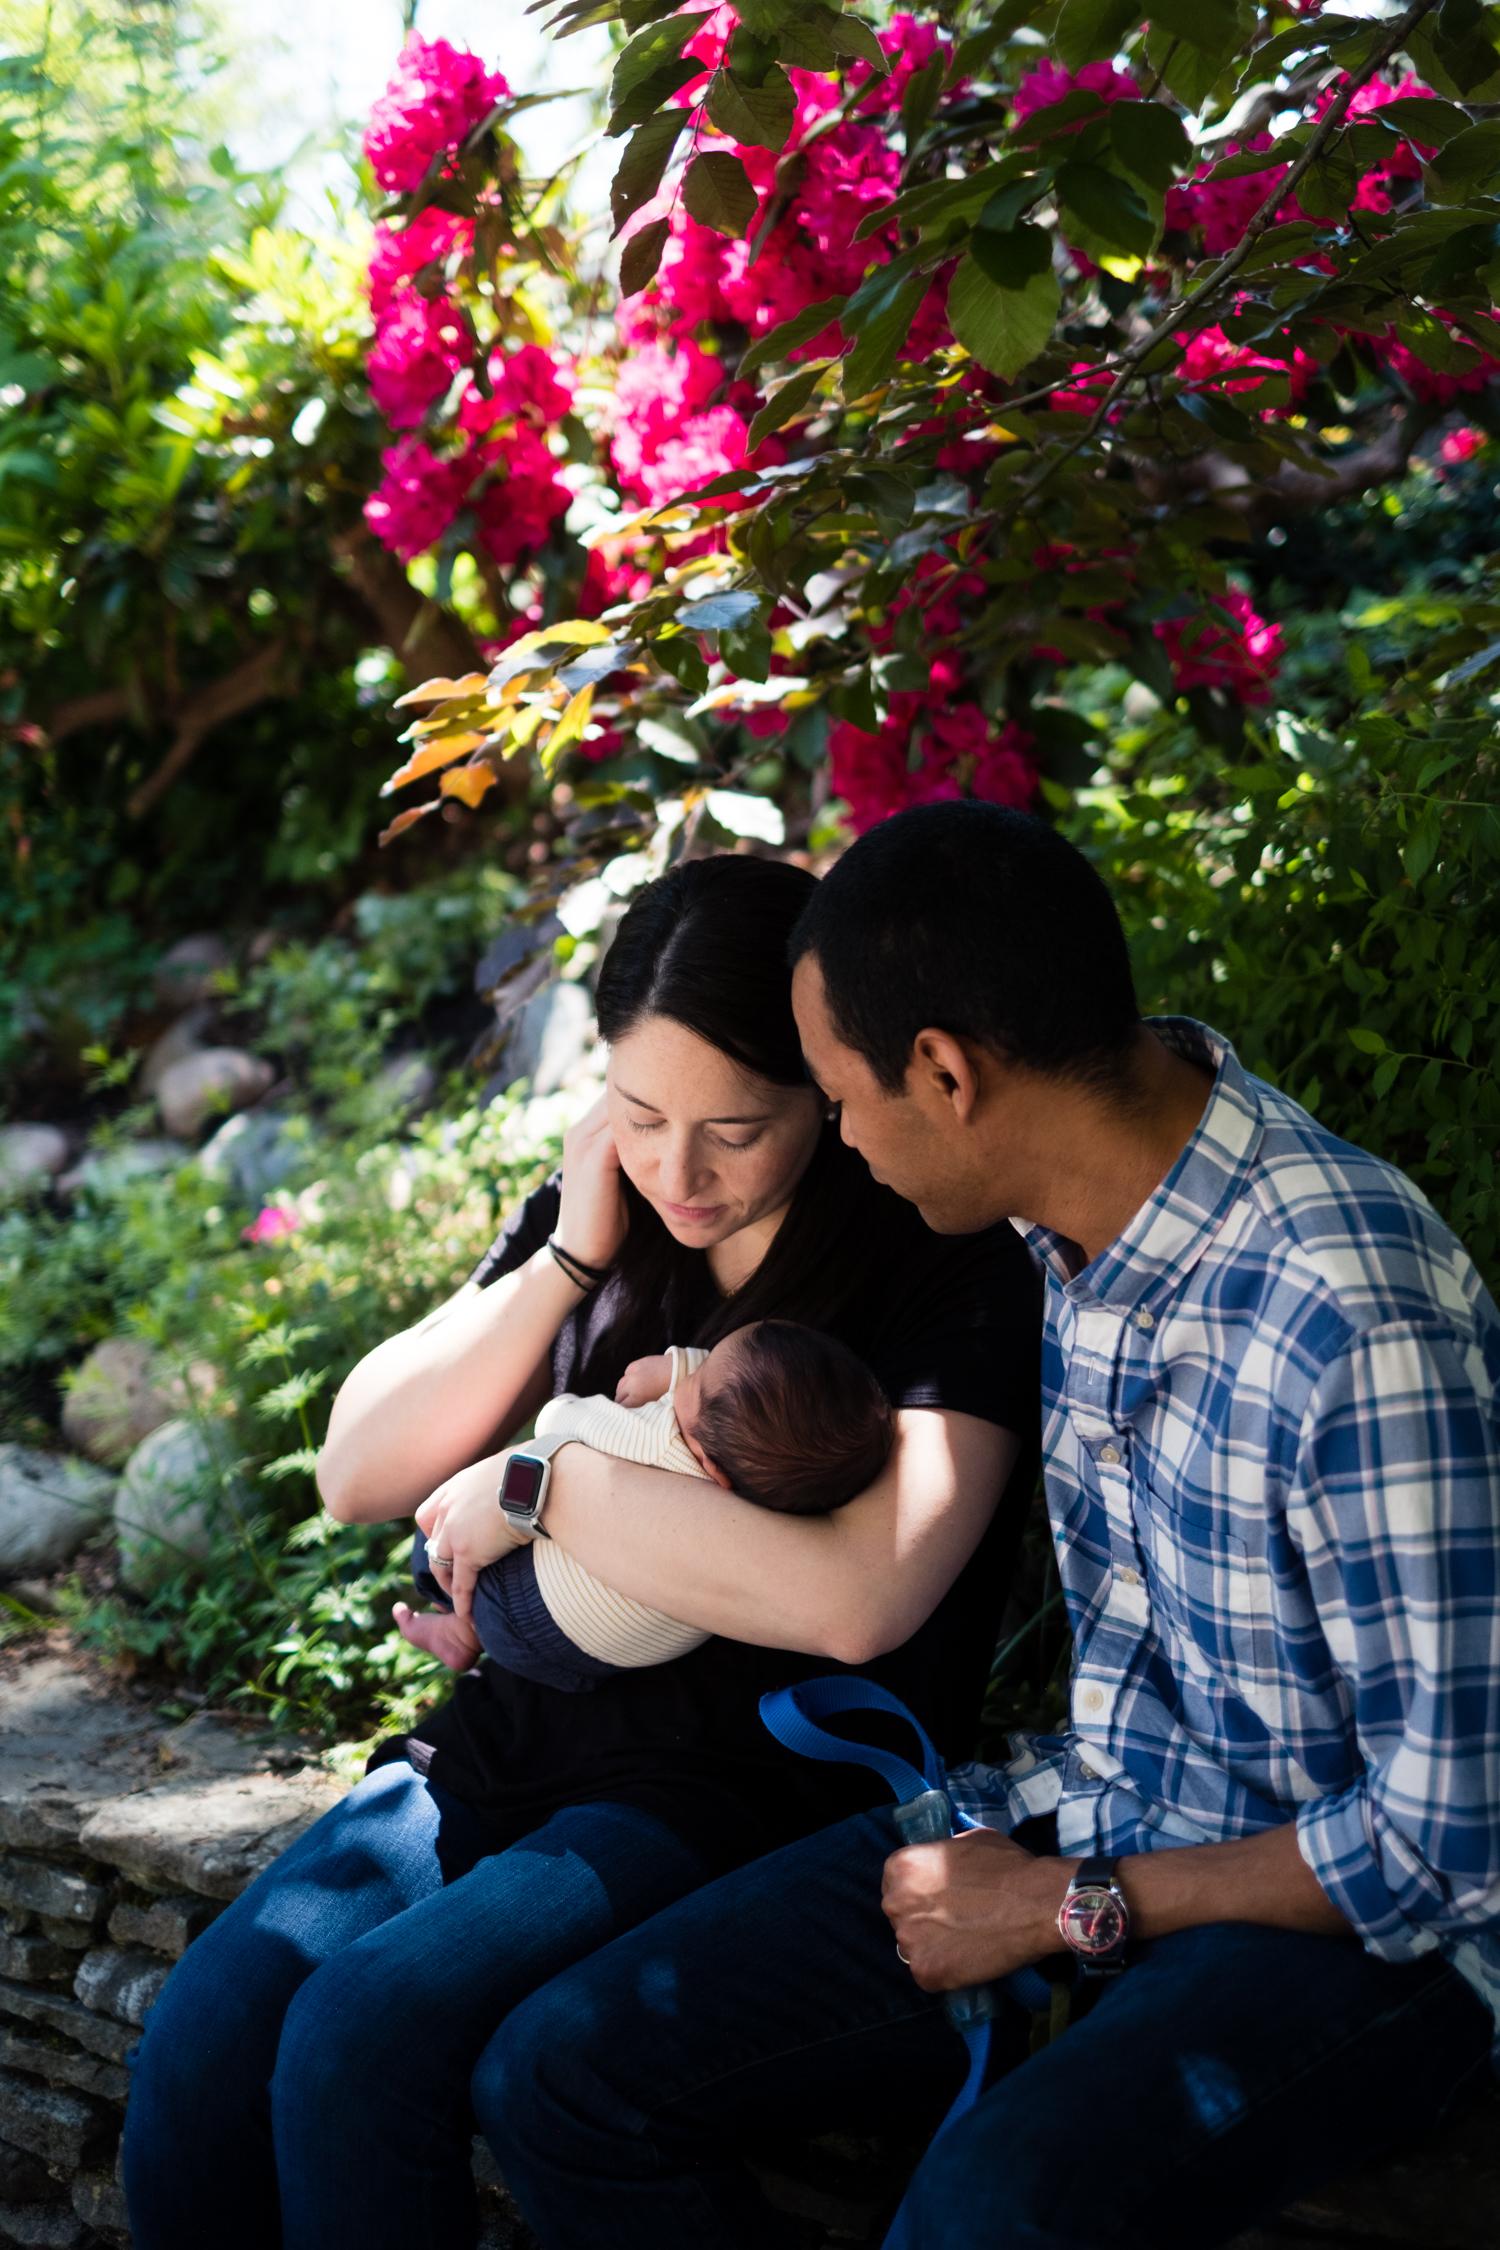 Roslindale_Family-15.jpg